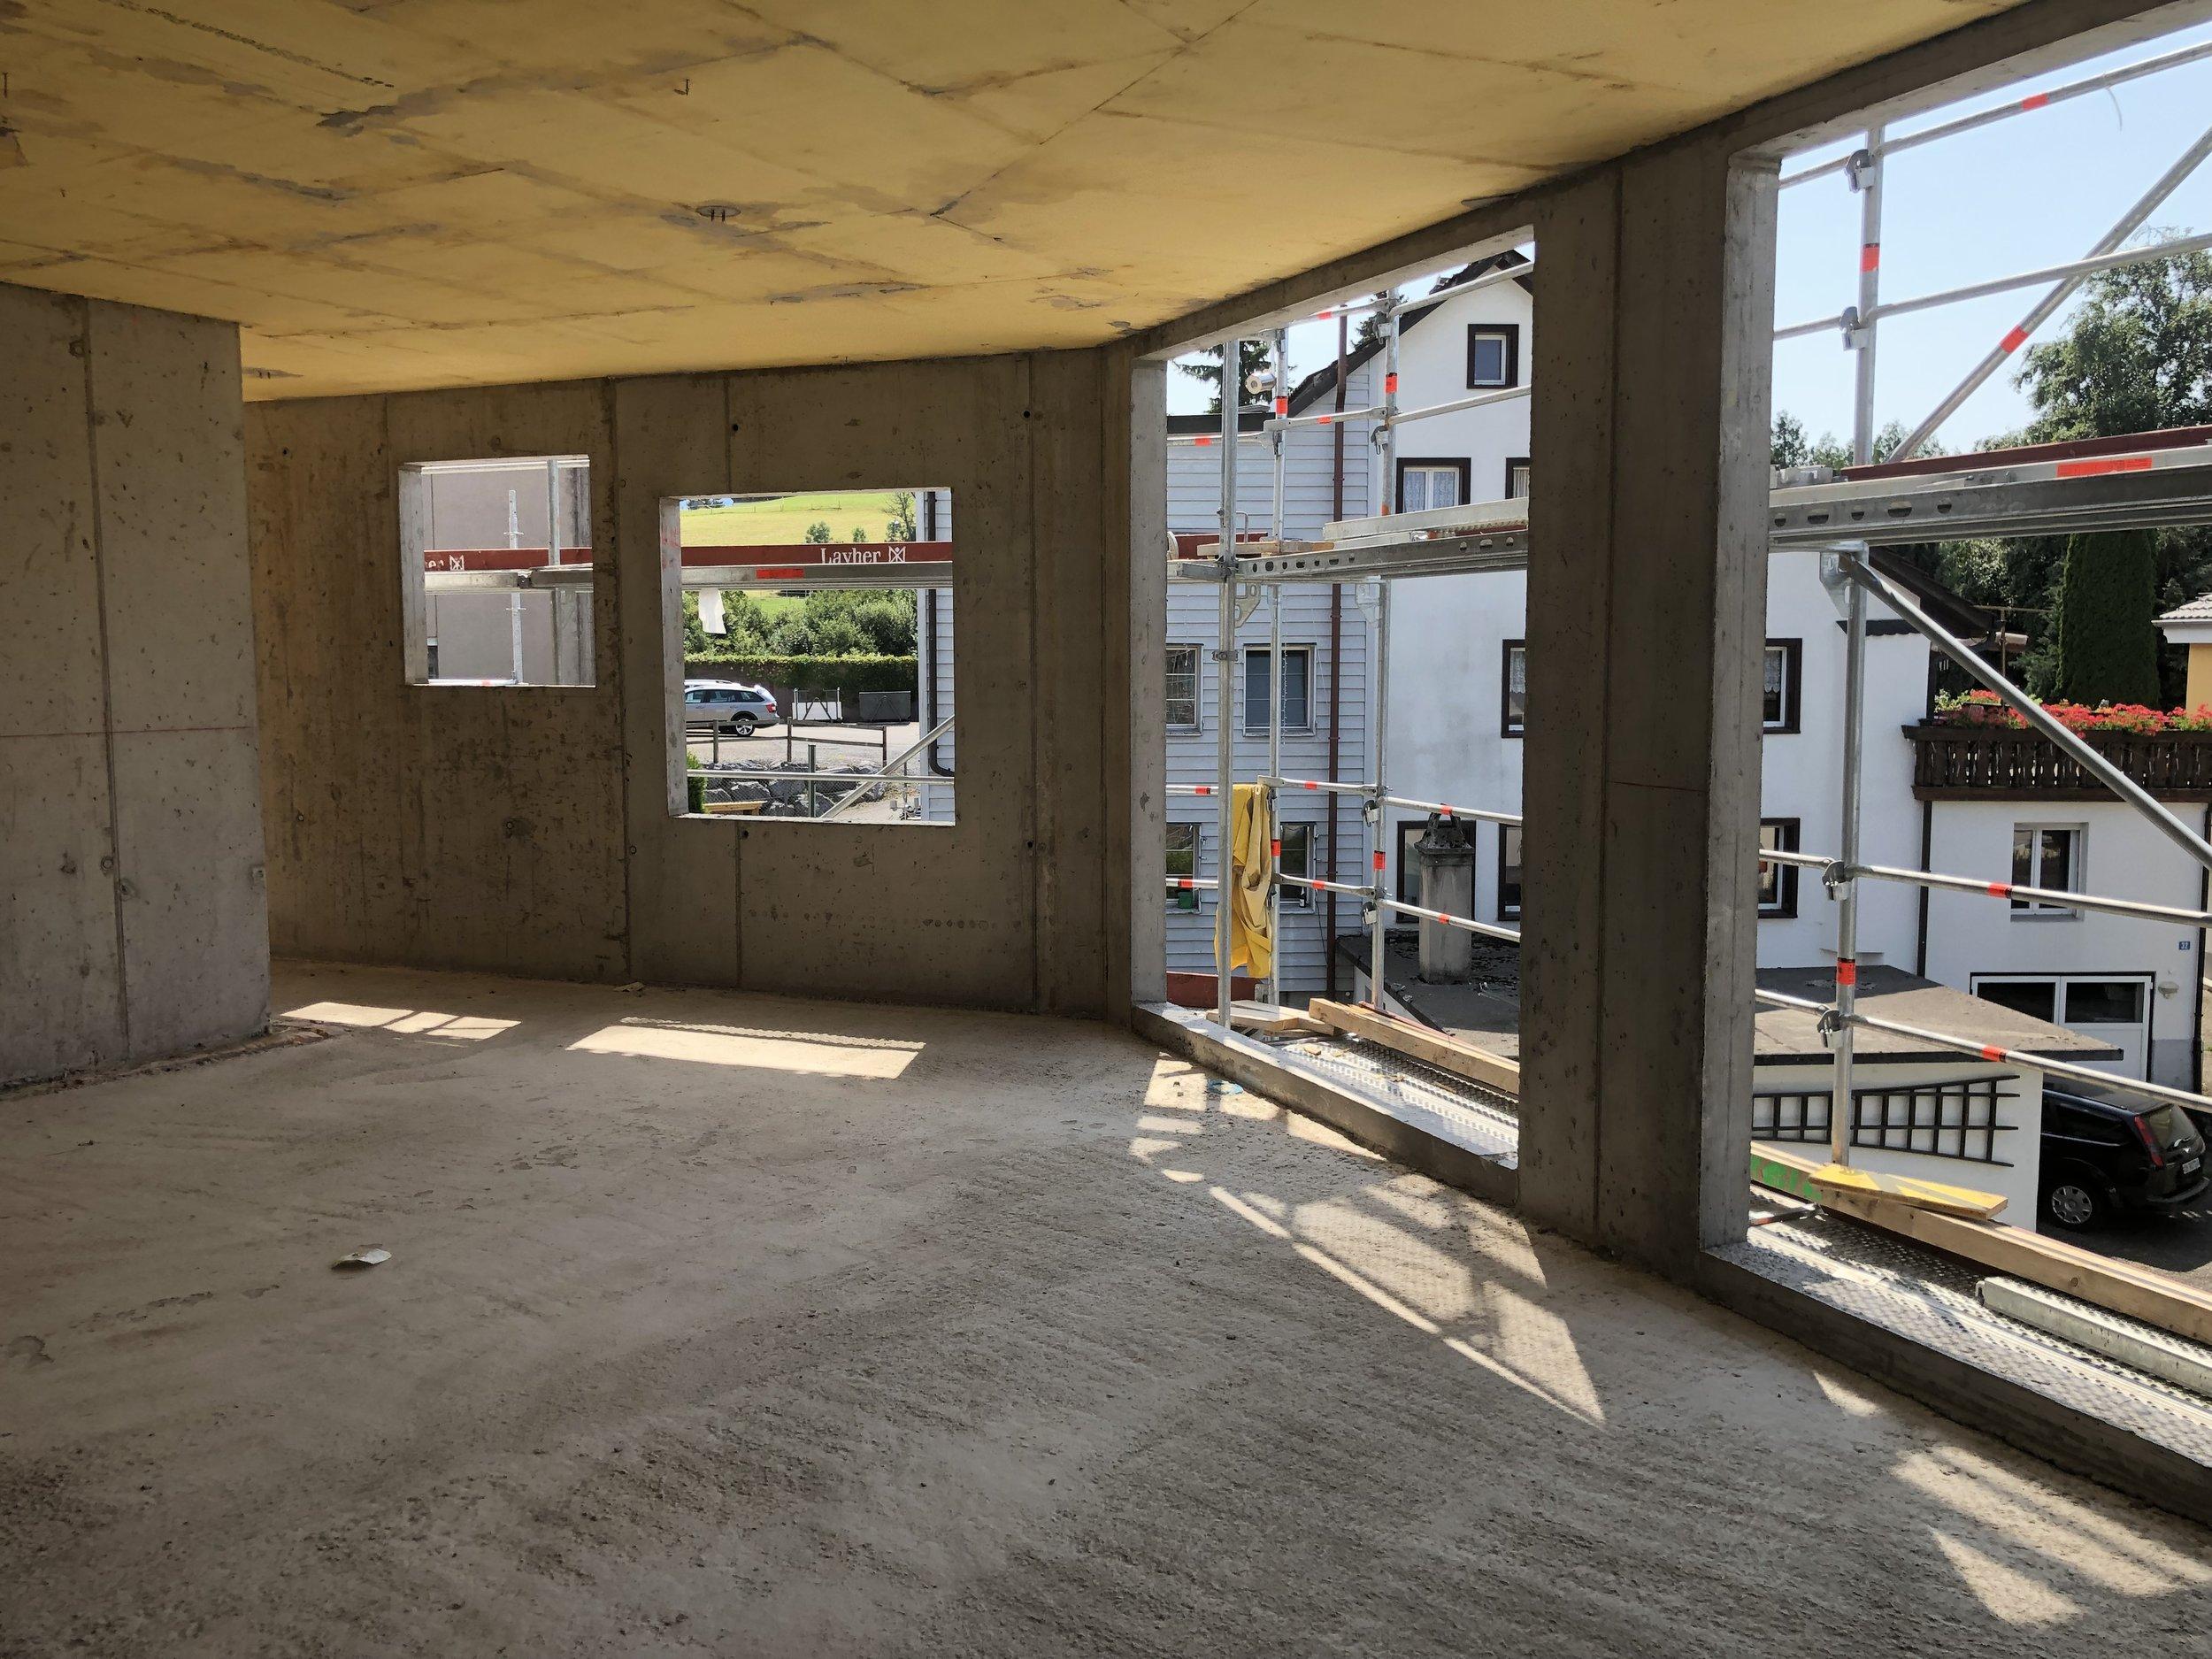 Überbauung VISIT Richterswil Zürich Neubauprojekt Baustelle Baufortschritt Seeblick Zürichsee